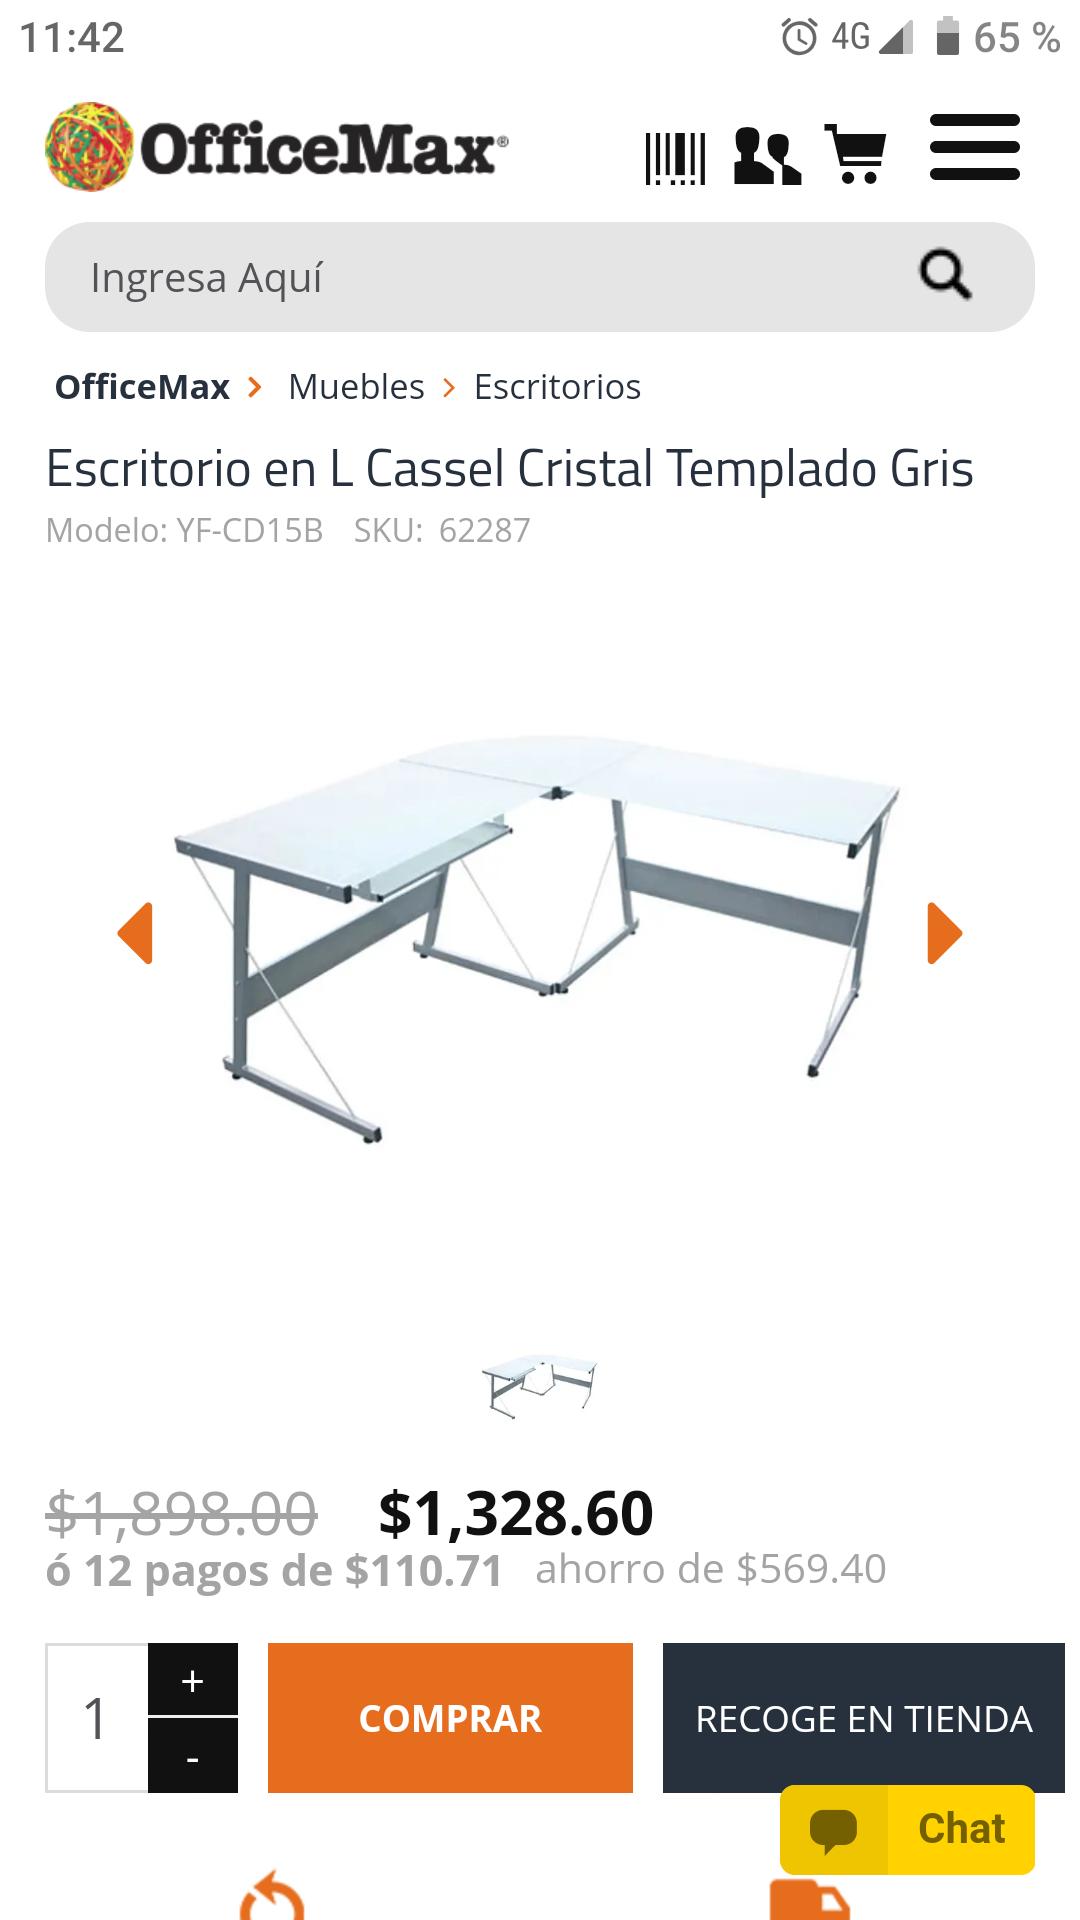 Office Max: Escritorio en L Cassel Cristal Templado Gris